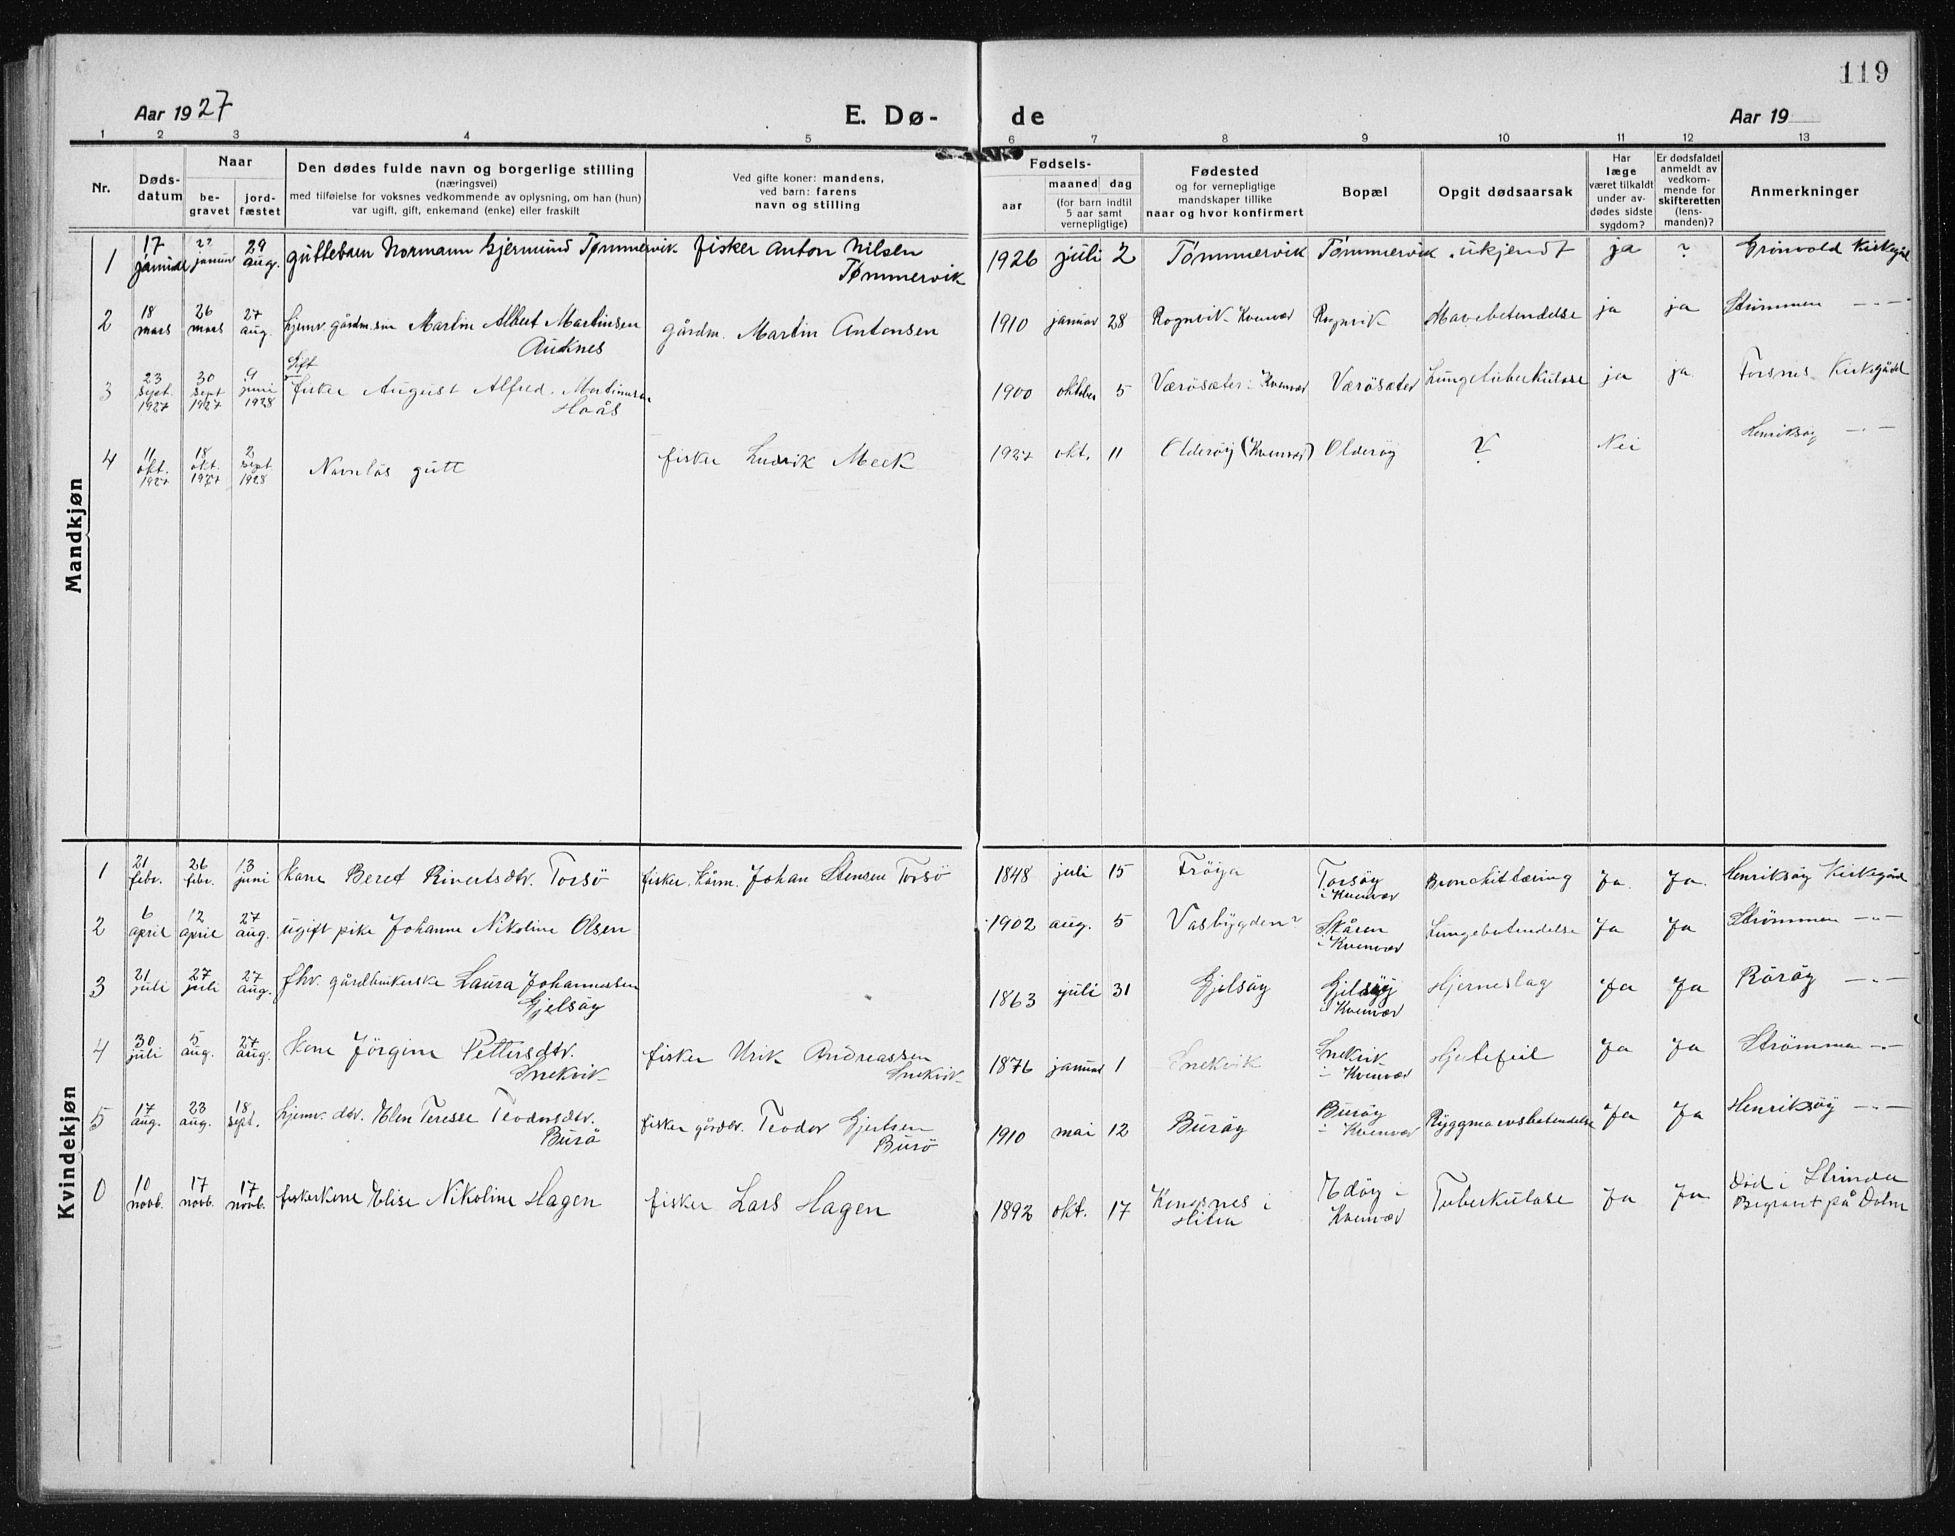 SAT, Ministerialprotokoller, klokkerbøker og fødselsregistre - Sør-Trøndelag, 635/L0554: Klokkerbok nr. 635C02, 1919-1942, s. 119